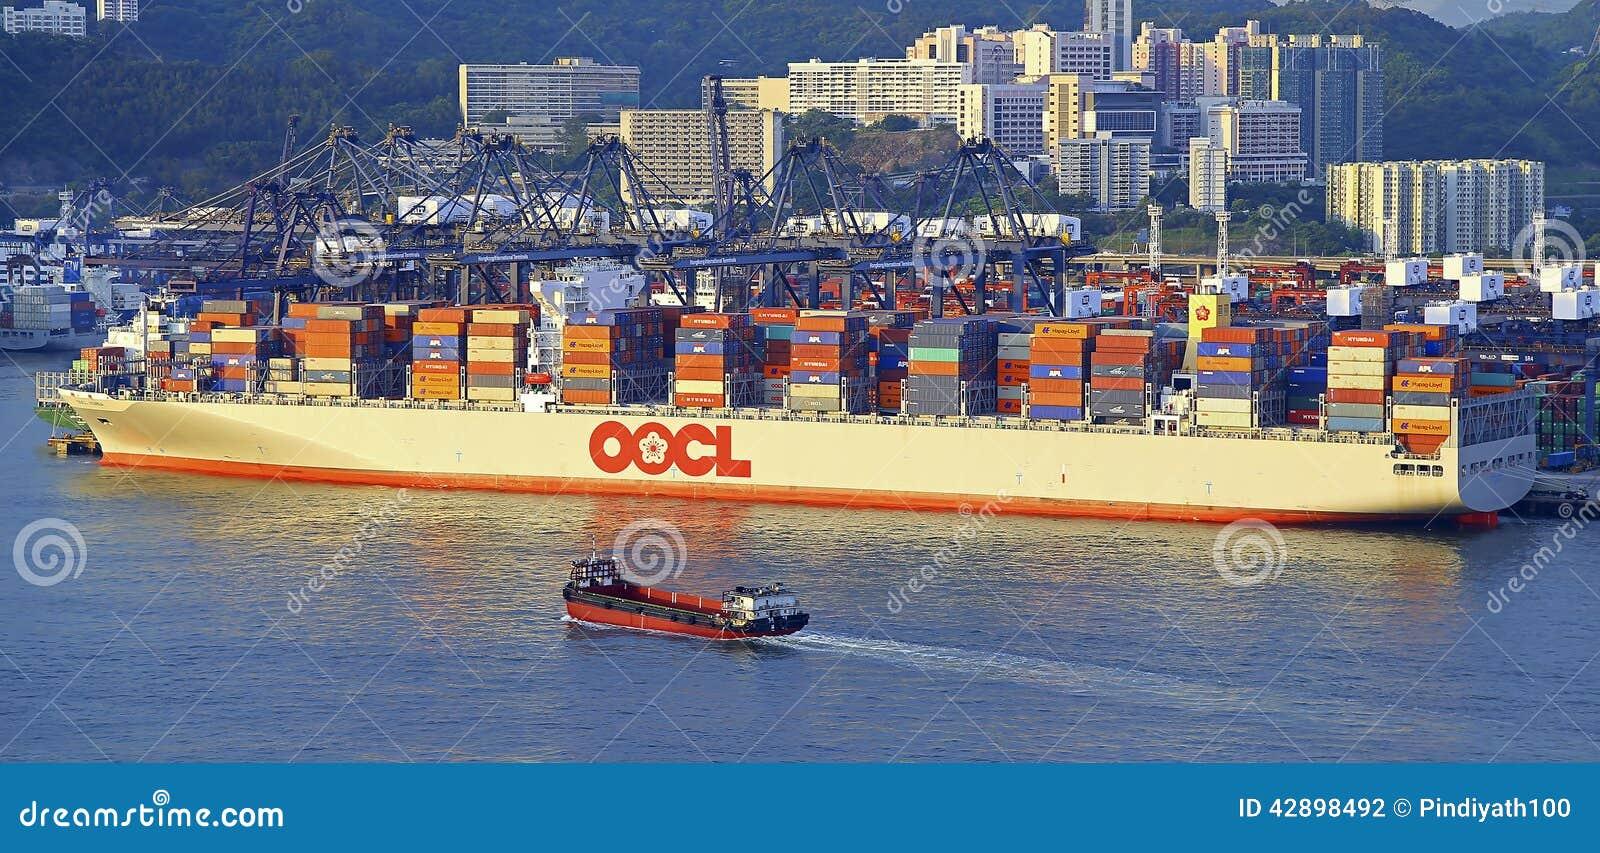 Plafoniere Da Nave : Nave da carico del contenitore di oocl fotografia editoriale